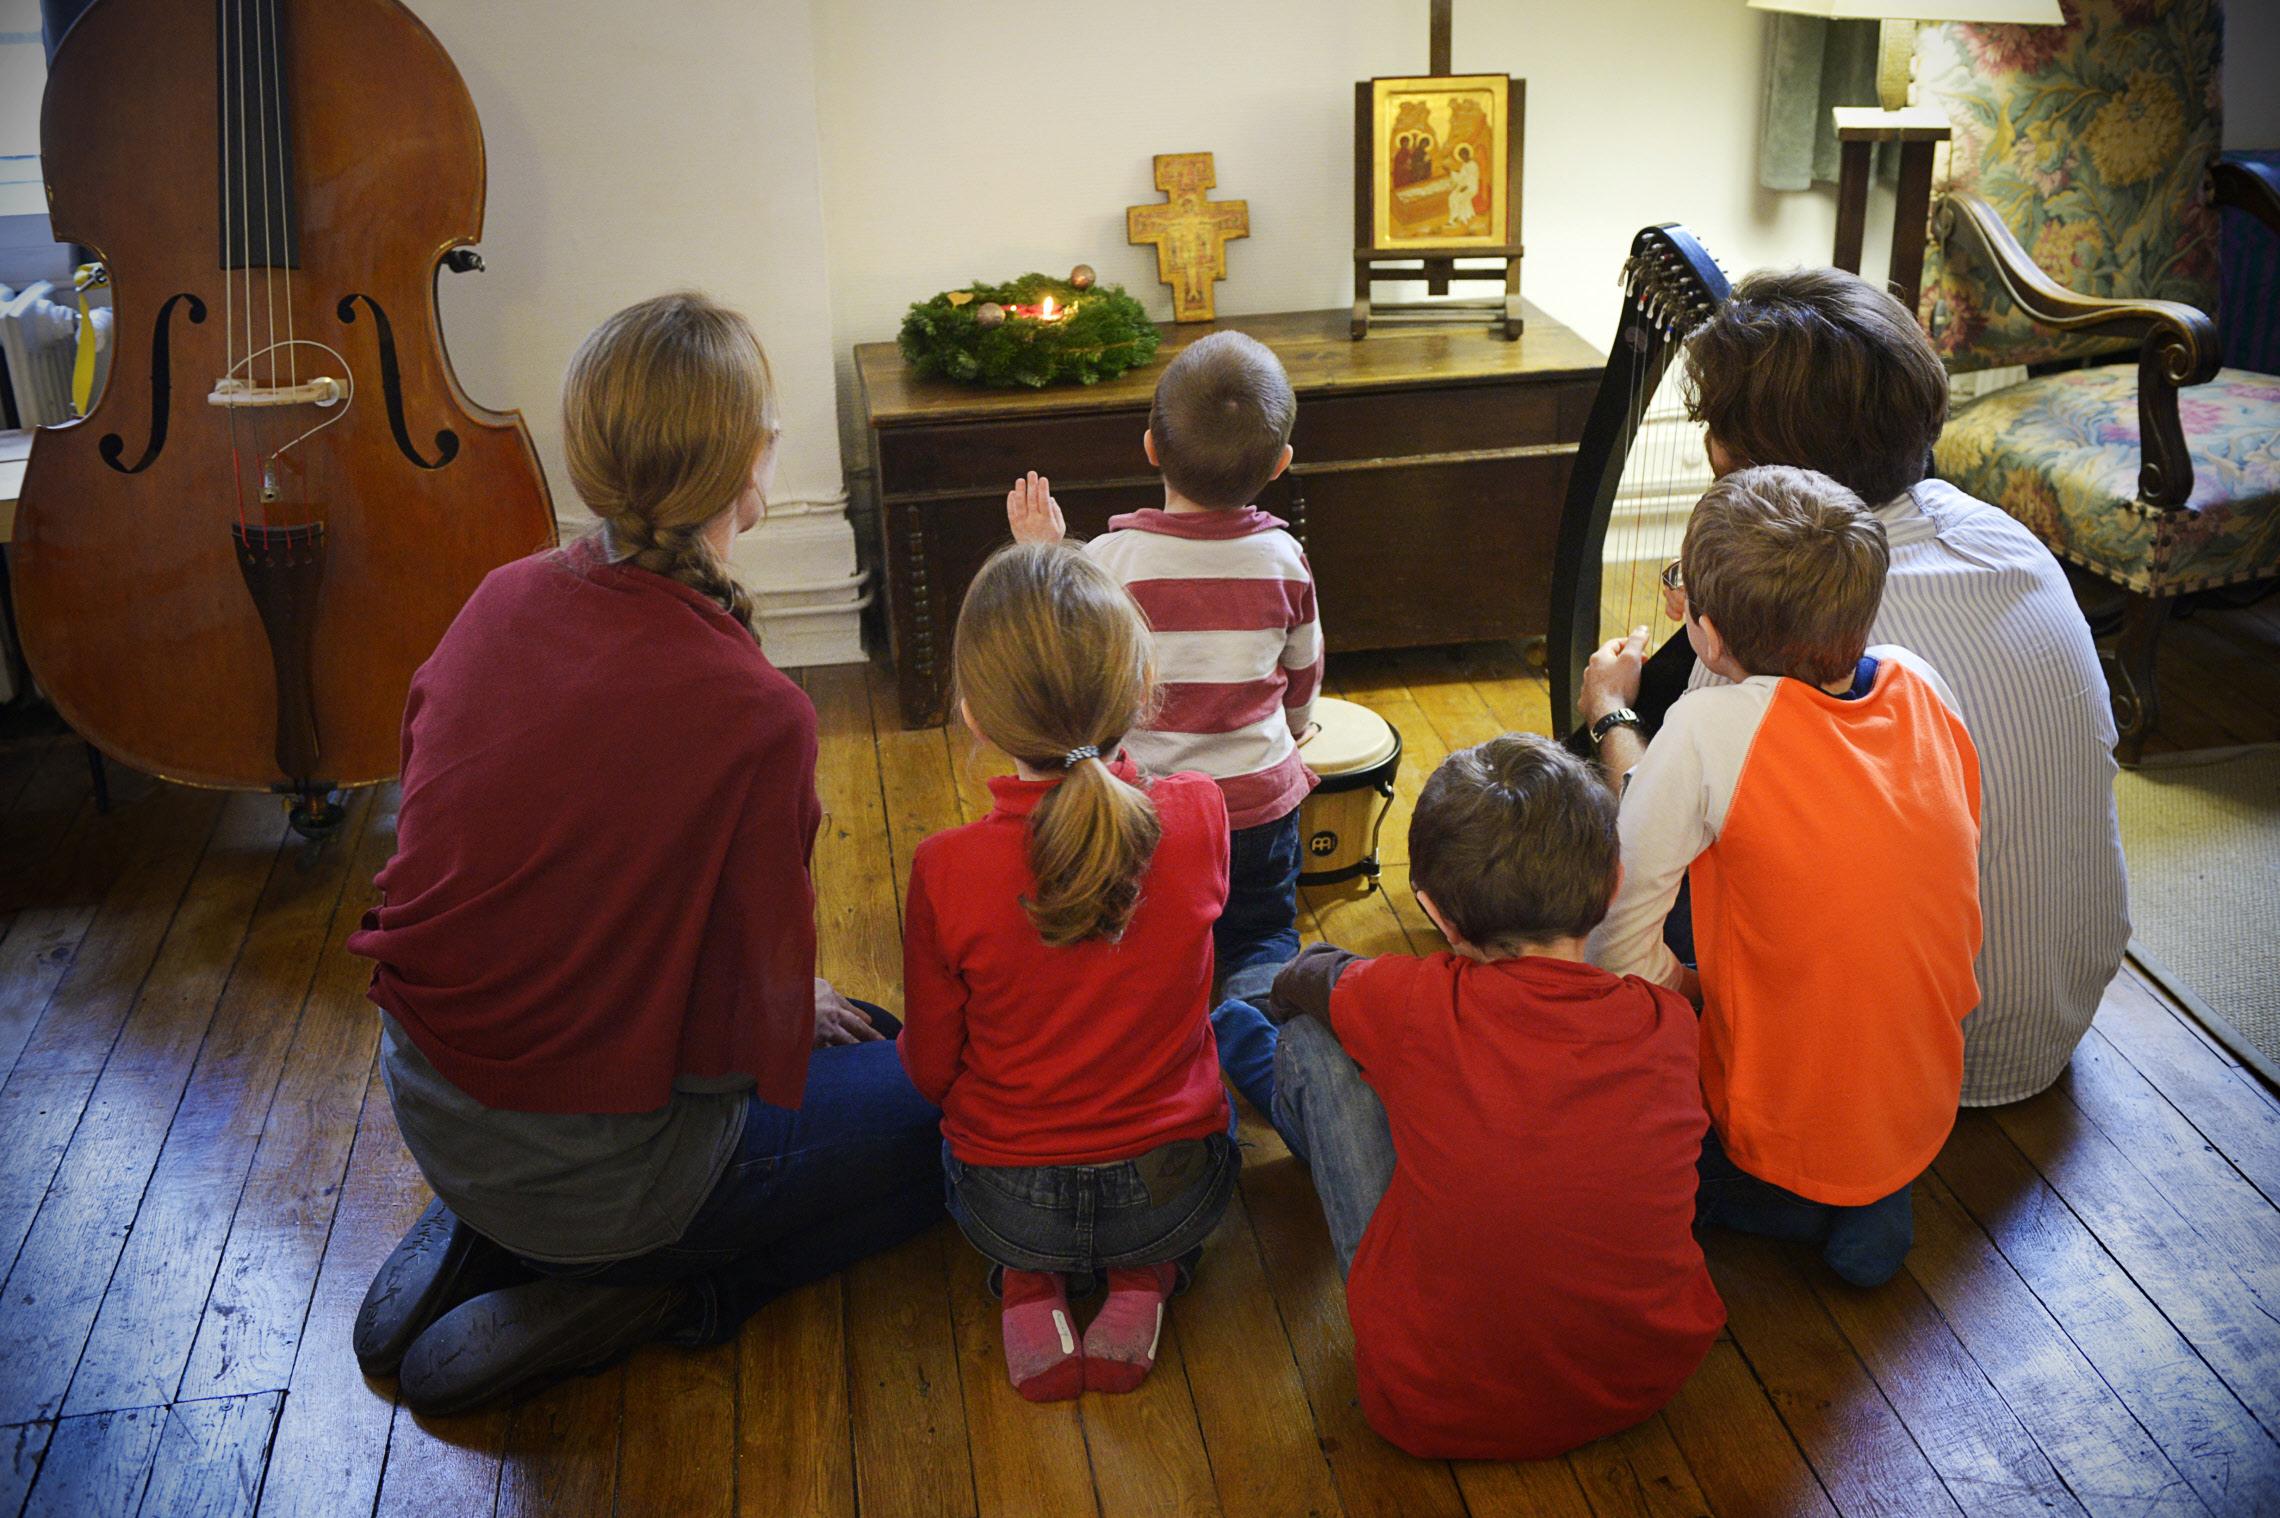 FAMILY PRAY